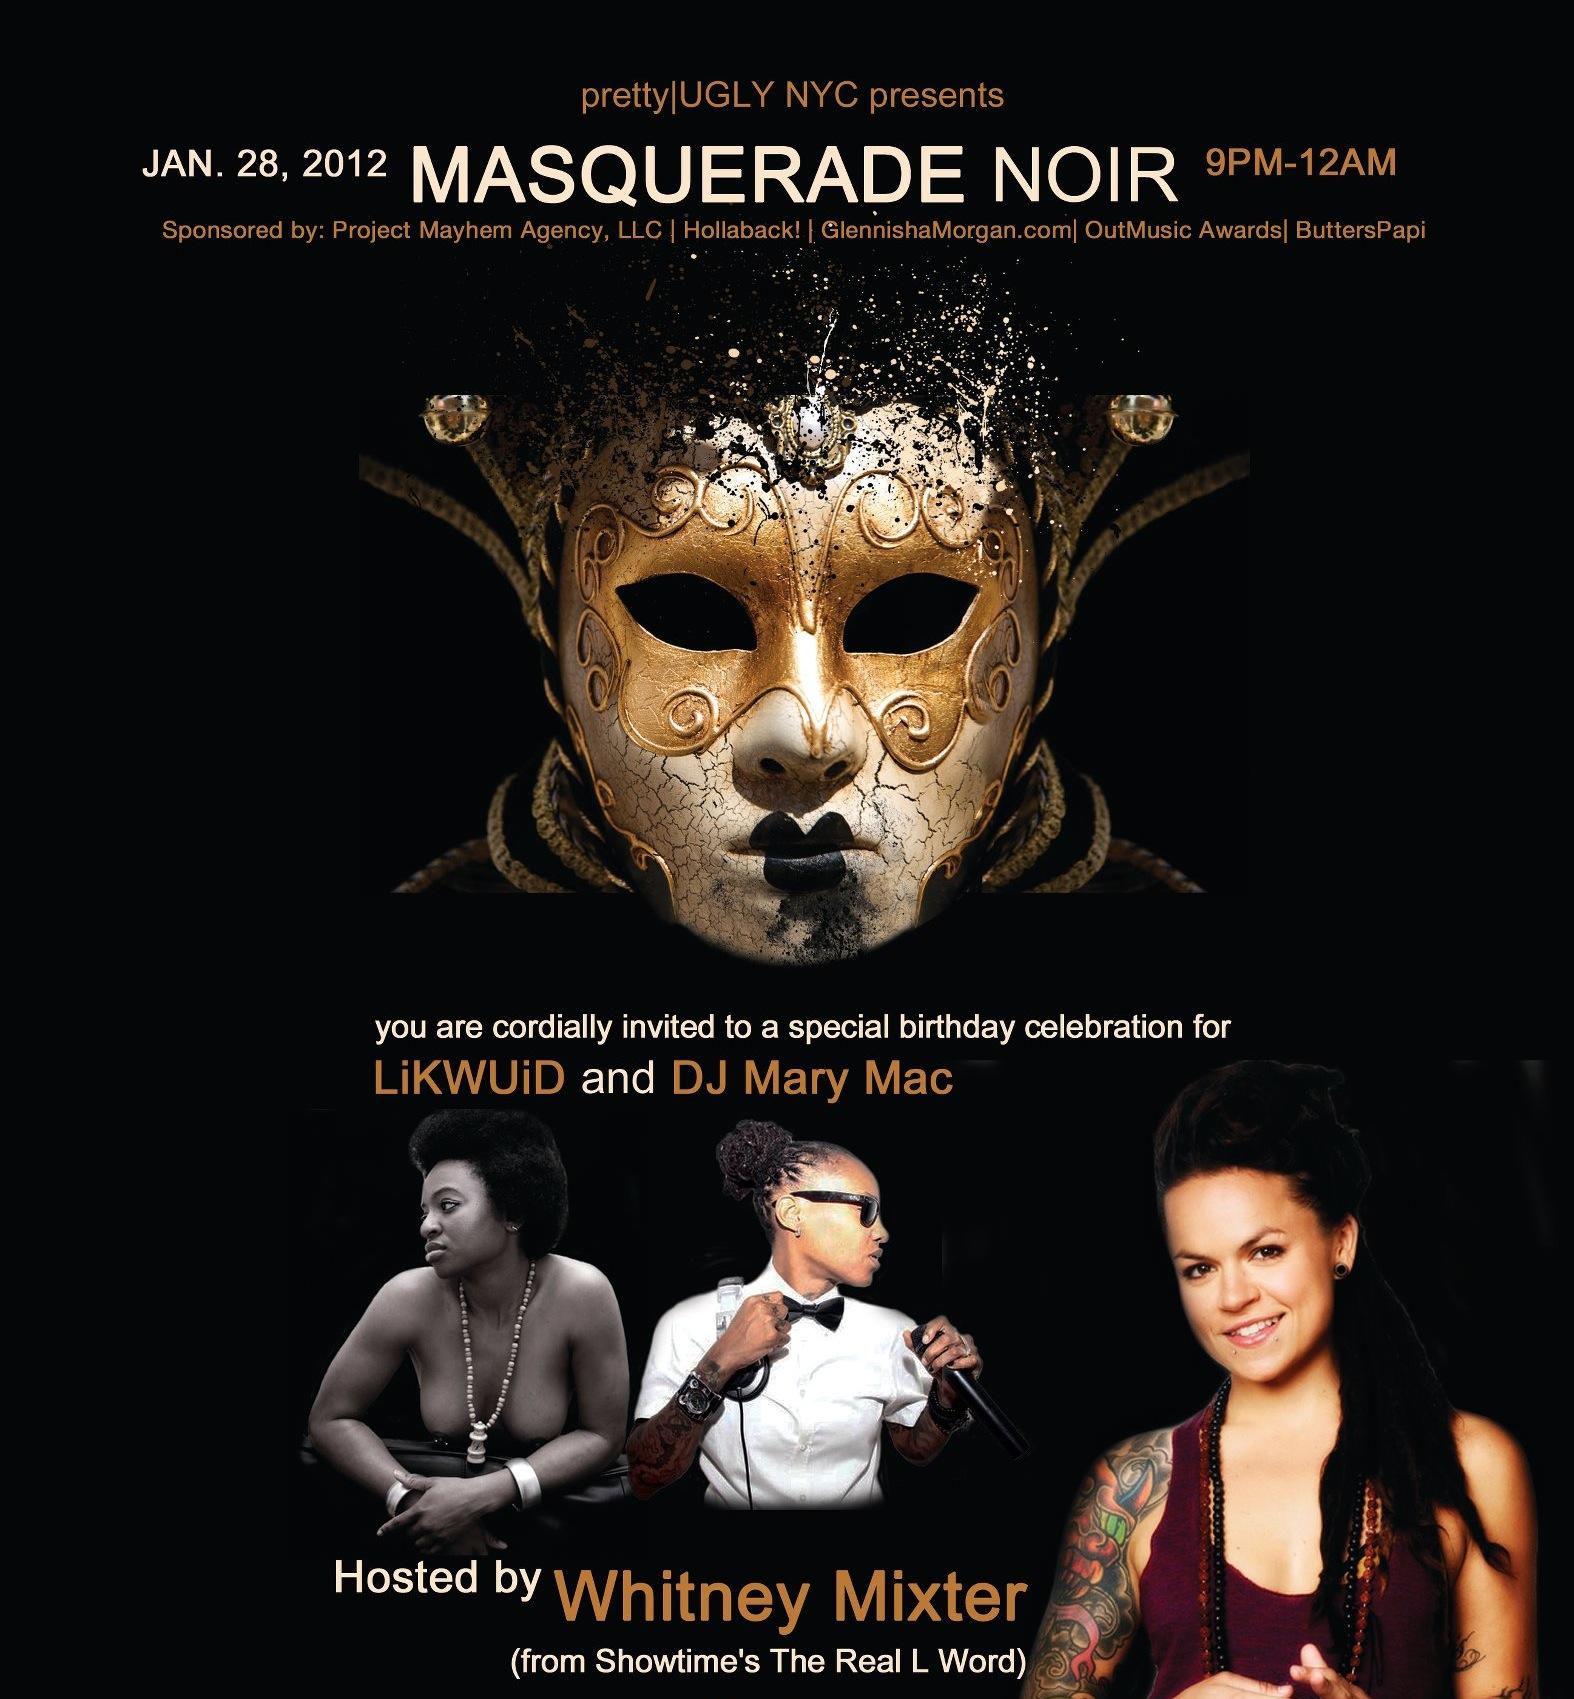 Masquerade Noir